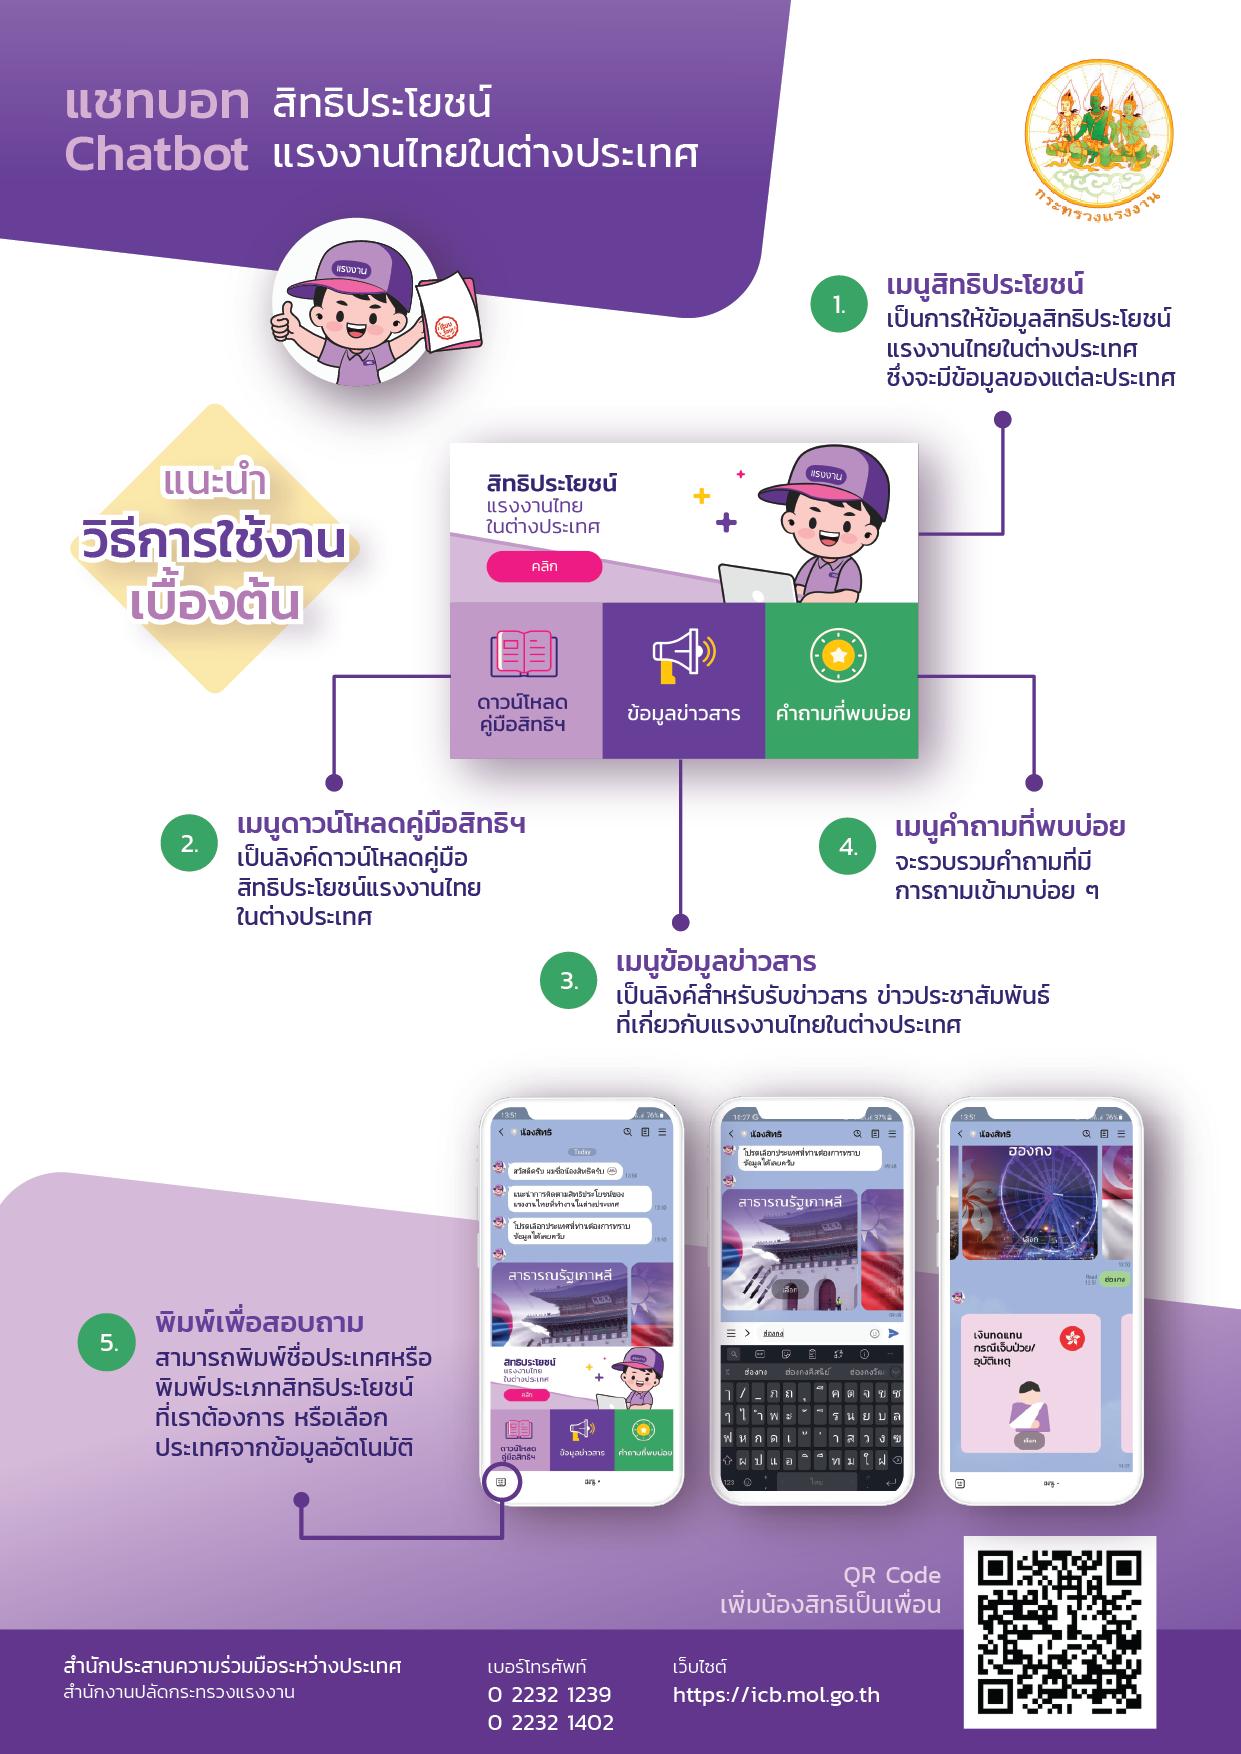 ประชาสัมพันธ์ ระบบตอบข้อมูลสิทธิประโยชน์แรงงานไทยในต่างประเทศแบบอัตโนมัติ (Chatbot)